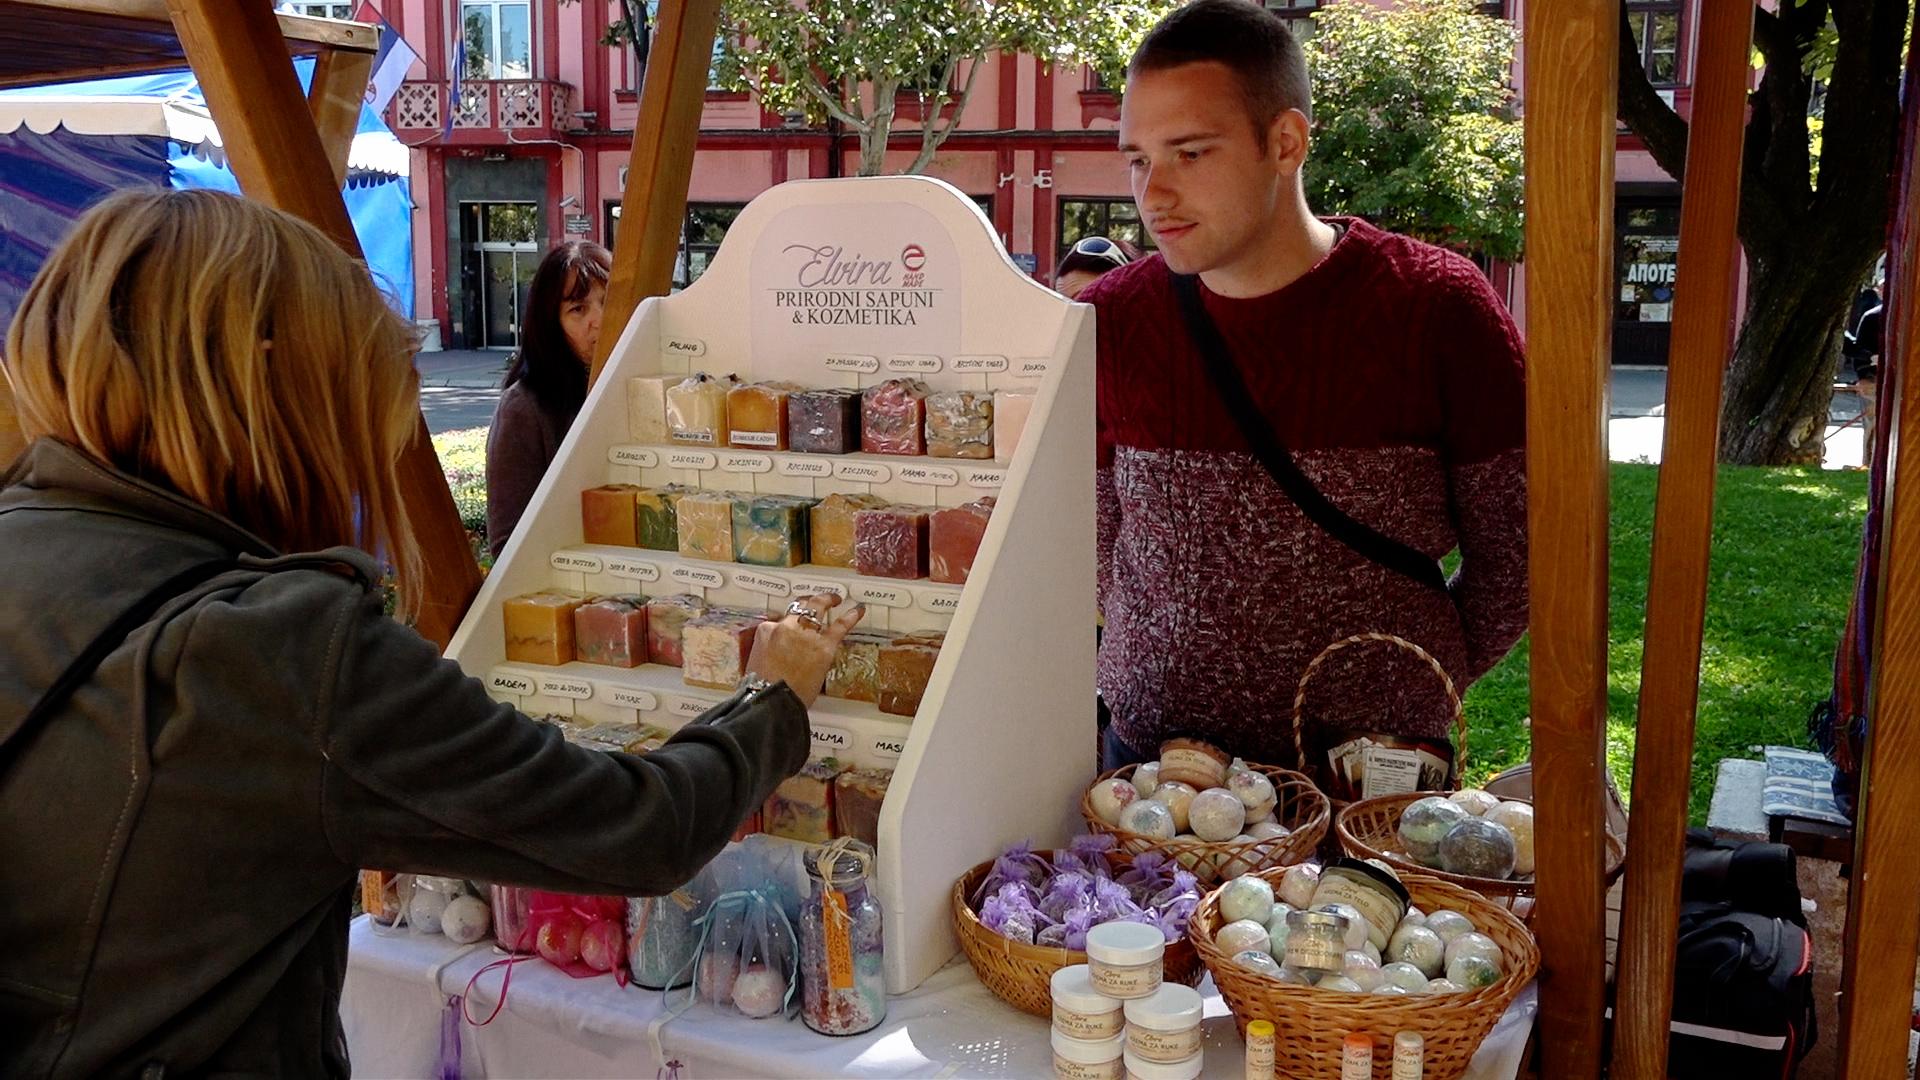 Mladi iz ovog srpskog grada sve ređe odlaze, pokreću svoje biznise i lepo zarađuju